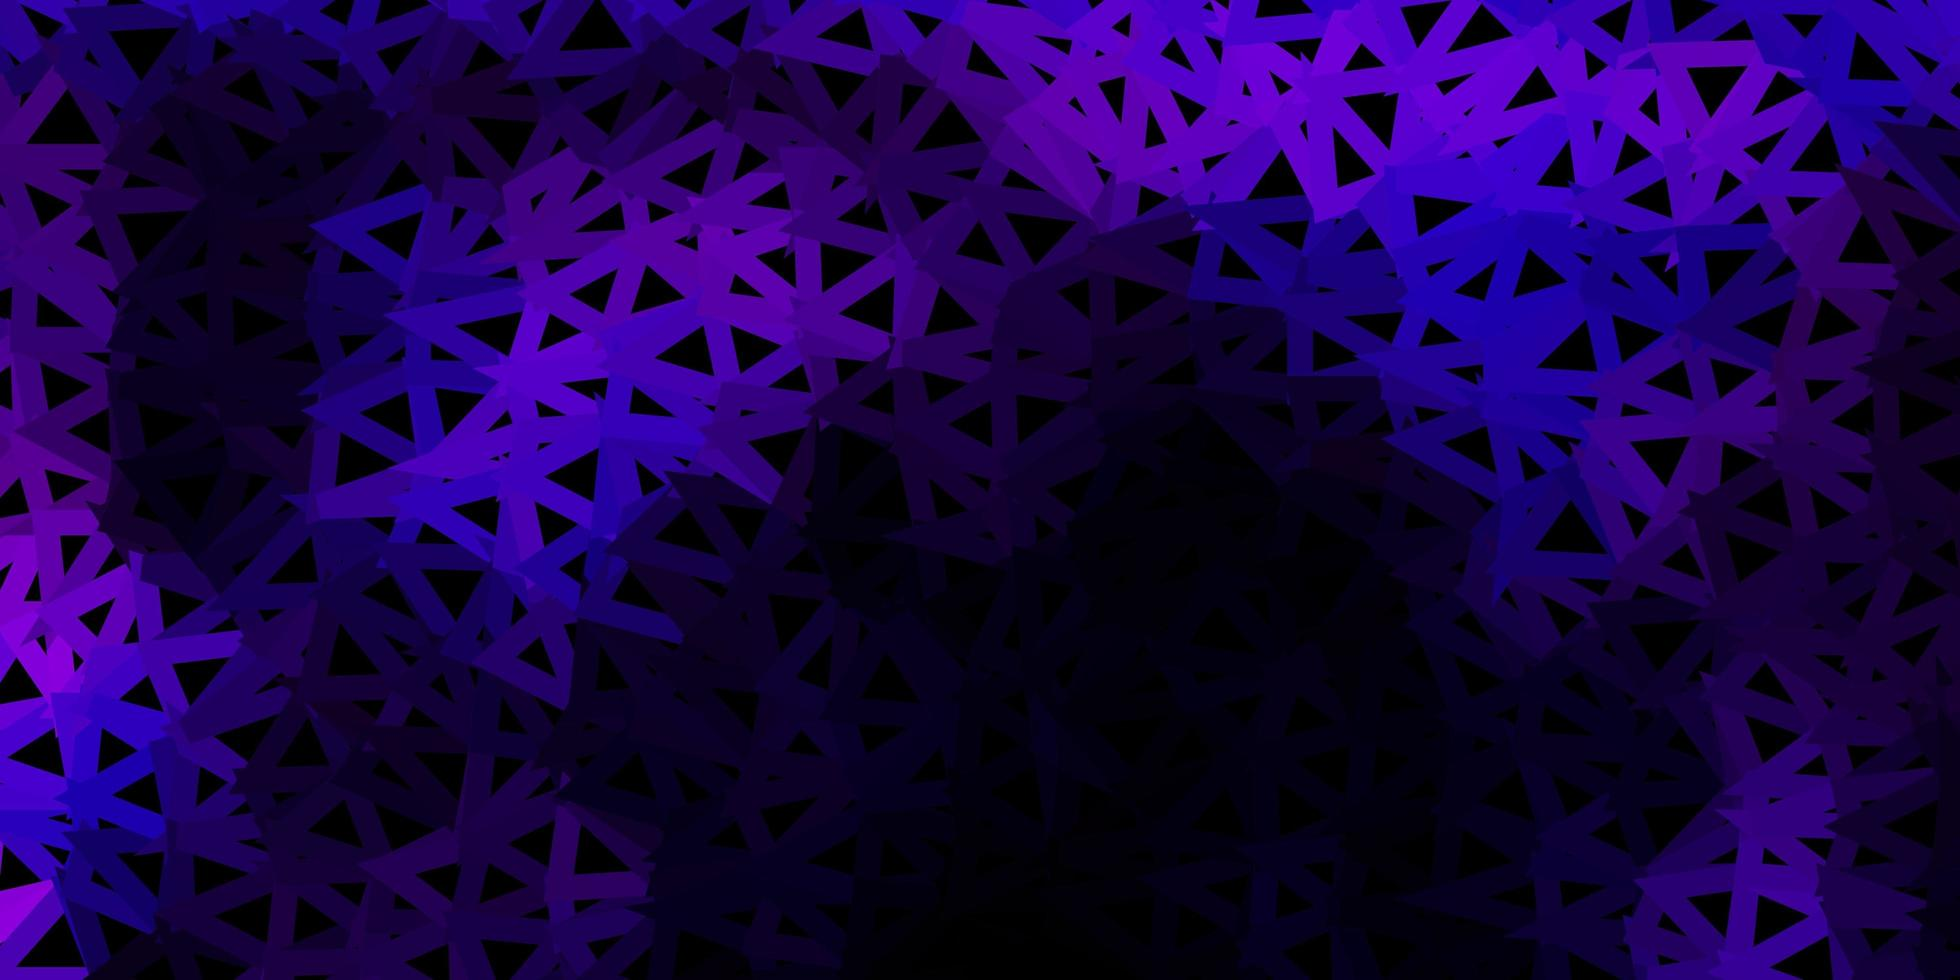 textura de triângulo poli roxo escuro. vetor